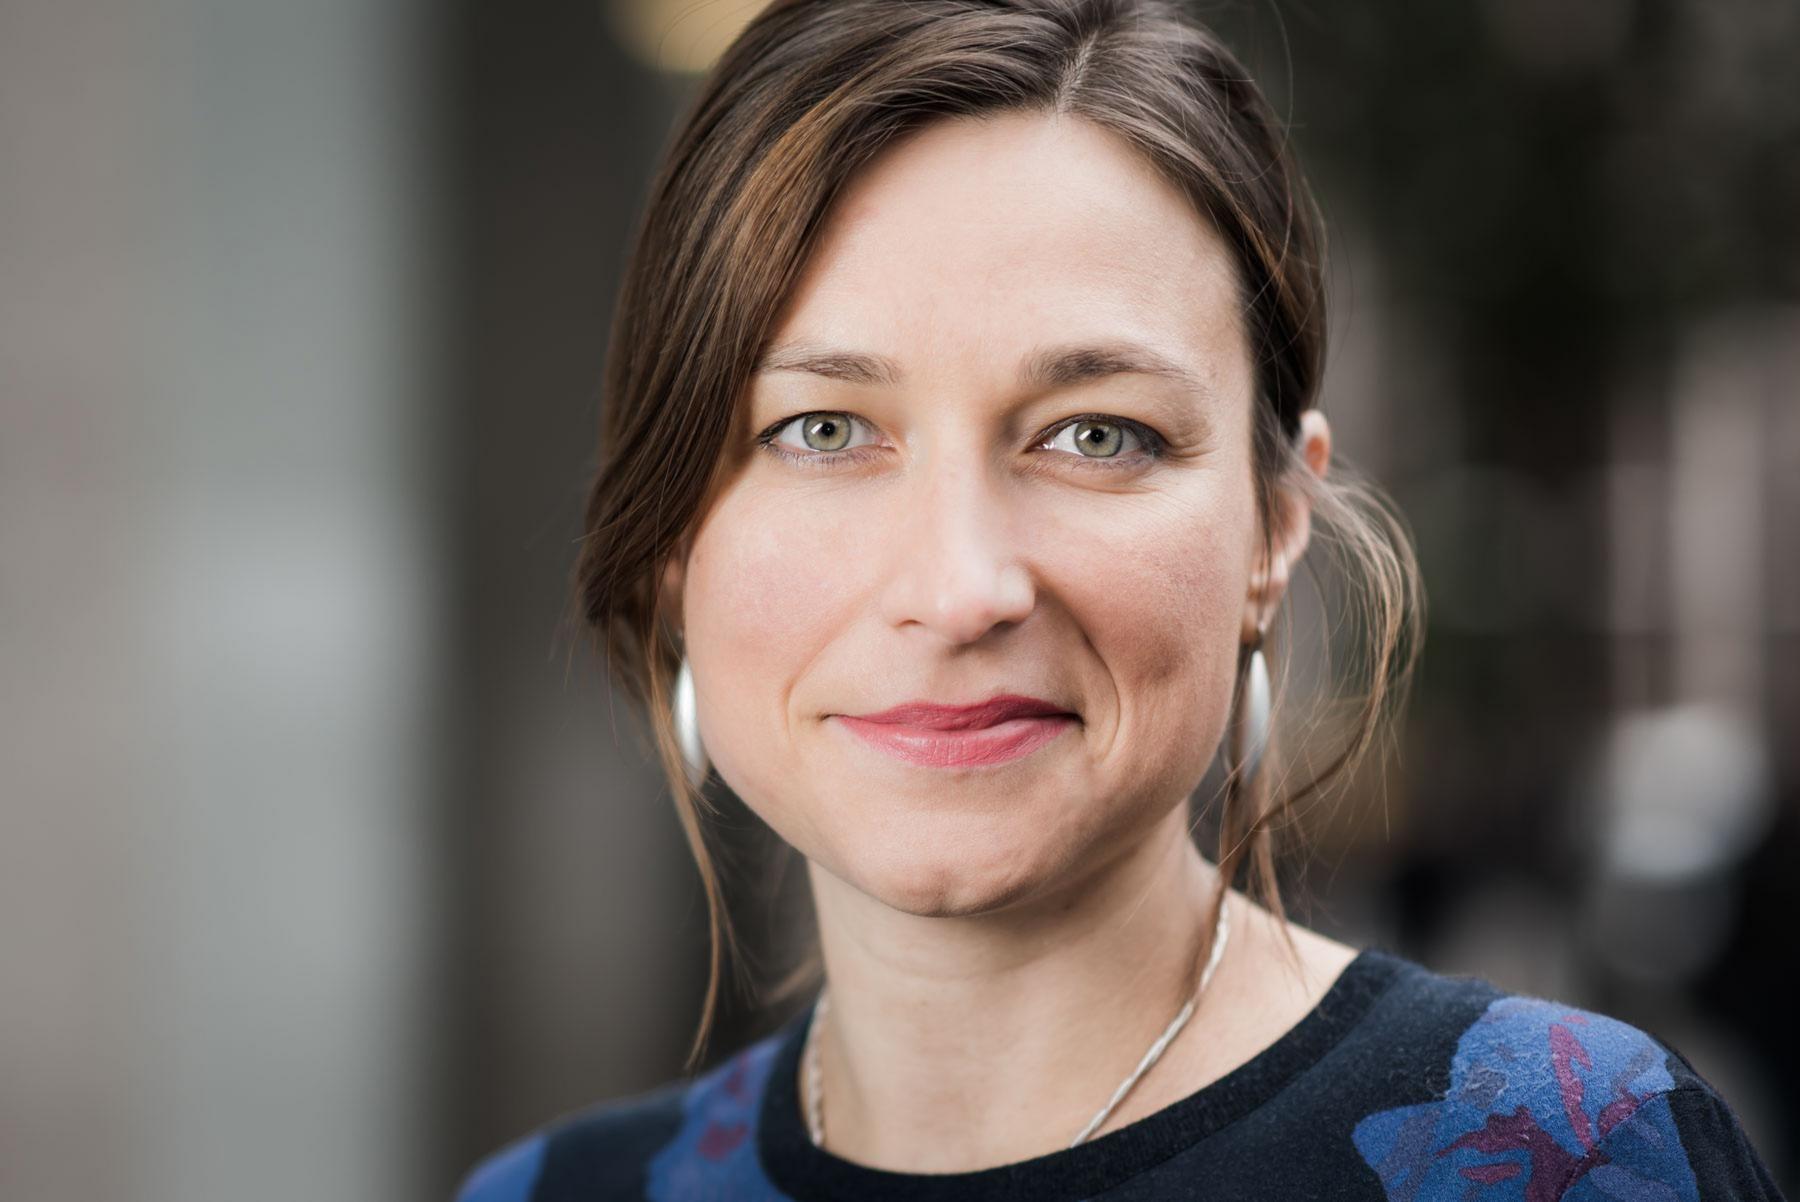 Oksana Stowe